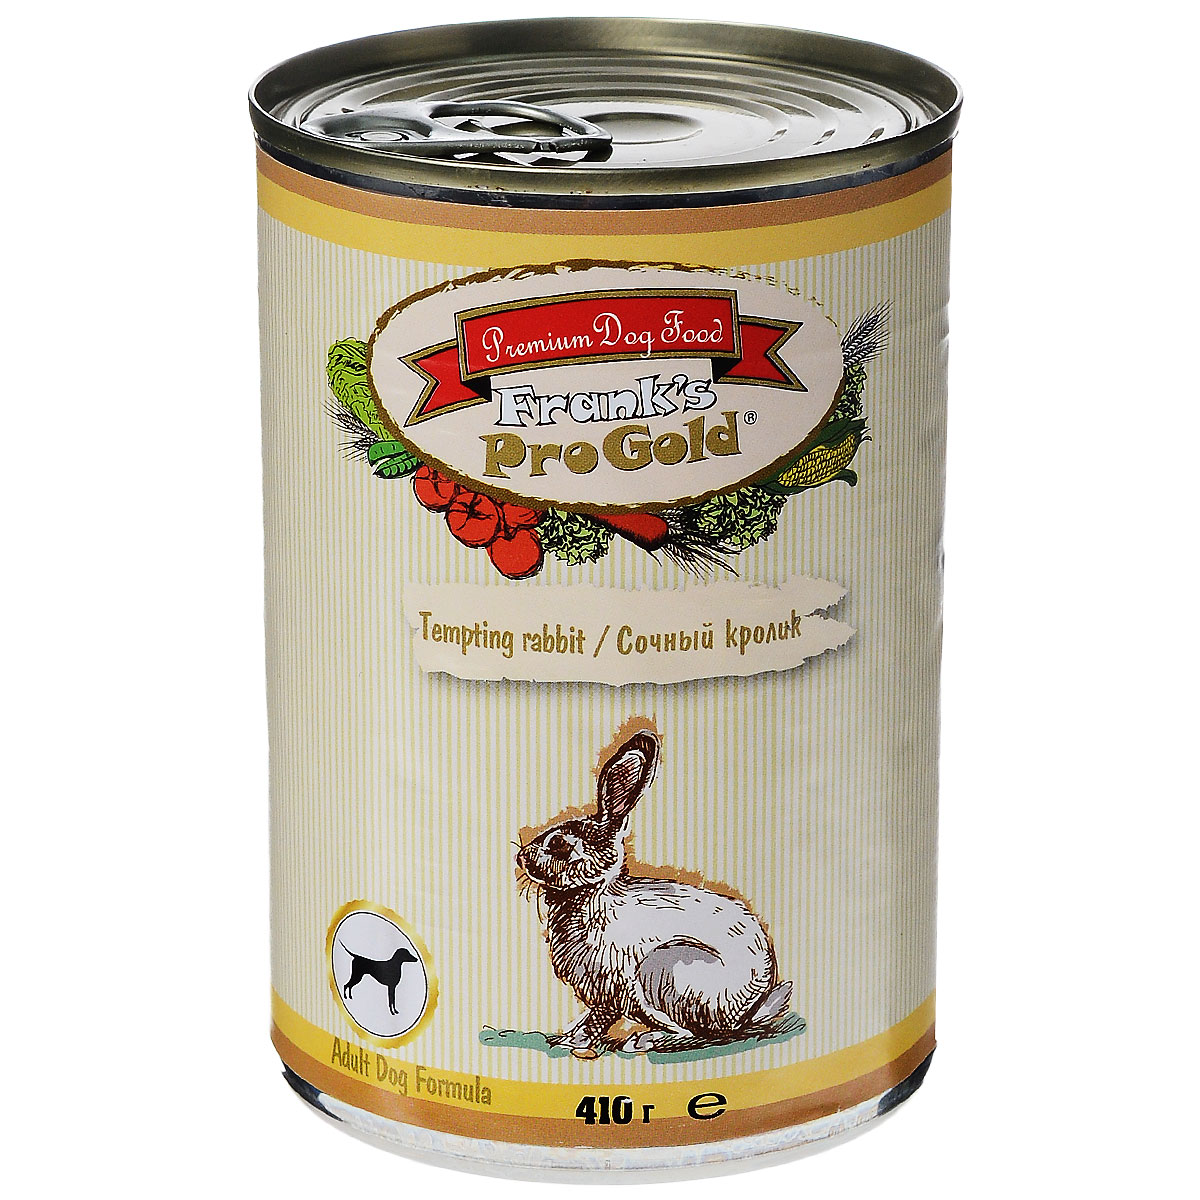 Консервы для собак Franks ProGold, с сочным кроликом, 410 г0120710Консервы для собак Franks ProGold - полнорационный продукт, содержащий все необходимые витамины и минералы, сбалансированный для поддержания оптимального здоровья вашего питомца! Ваш любимец, безусловно, оценит нежнейшие кусочки мяса в желе! Произведенные из натуральных ингредиентов, консервы Franks Pro Gold не содержат ГМО, сою, искусственных красителей, консервантов и усилителей вкуса. Состав: мясо курицы, кролик, мясо и его производные, злаки, витамины и минералы. Пищевая ценность: влажность 81%,белки 6,5%, жиры 4,5%, зола 2%, клетчатка 0,5%. Добавки: витамин A 1600 IU, витамин D 140 IU, витамин E 10 IU, железо E1 24 мг/кг, марганец E5 6 мг/кг, цинк E6 15 мг/кг, йодин E2 0,3 мг/кг. Калорийность: 393,6 ккал.Товар сертифицирован.